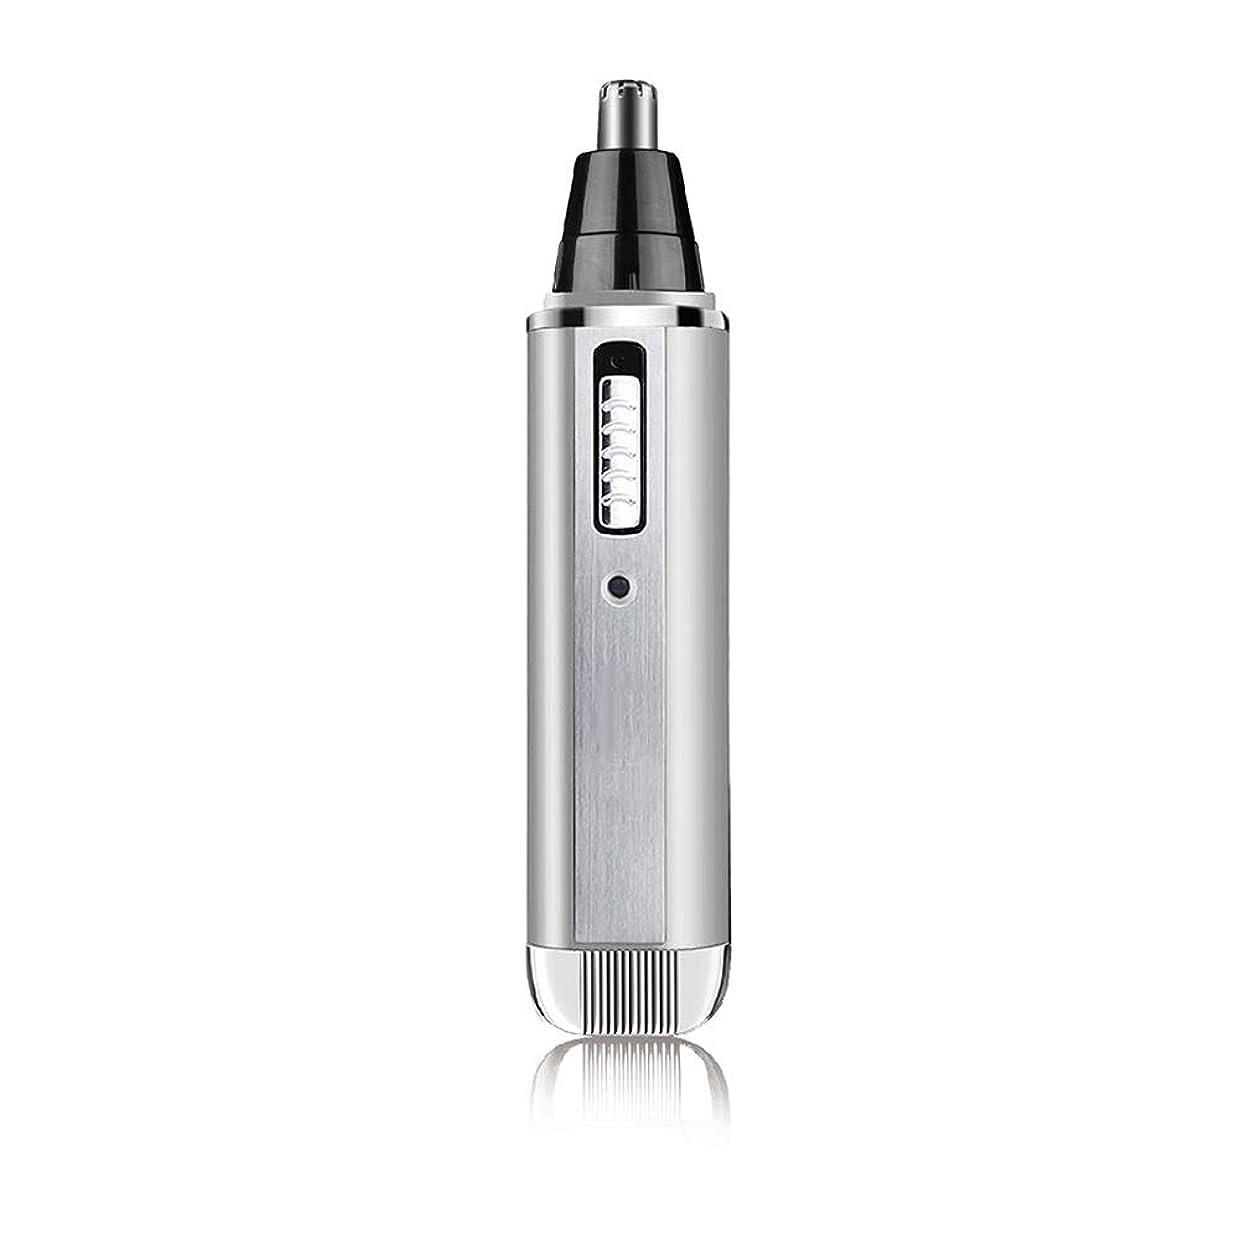 火曜日許可まともな鼻毛トリマー、USB充電式鼻毛トリマー/ 3D曲線安全カッター/多機能トリマー 持つ価値があります (Color : Silver)